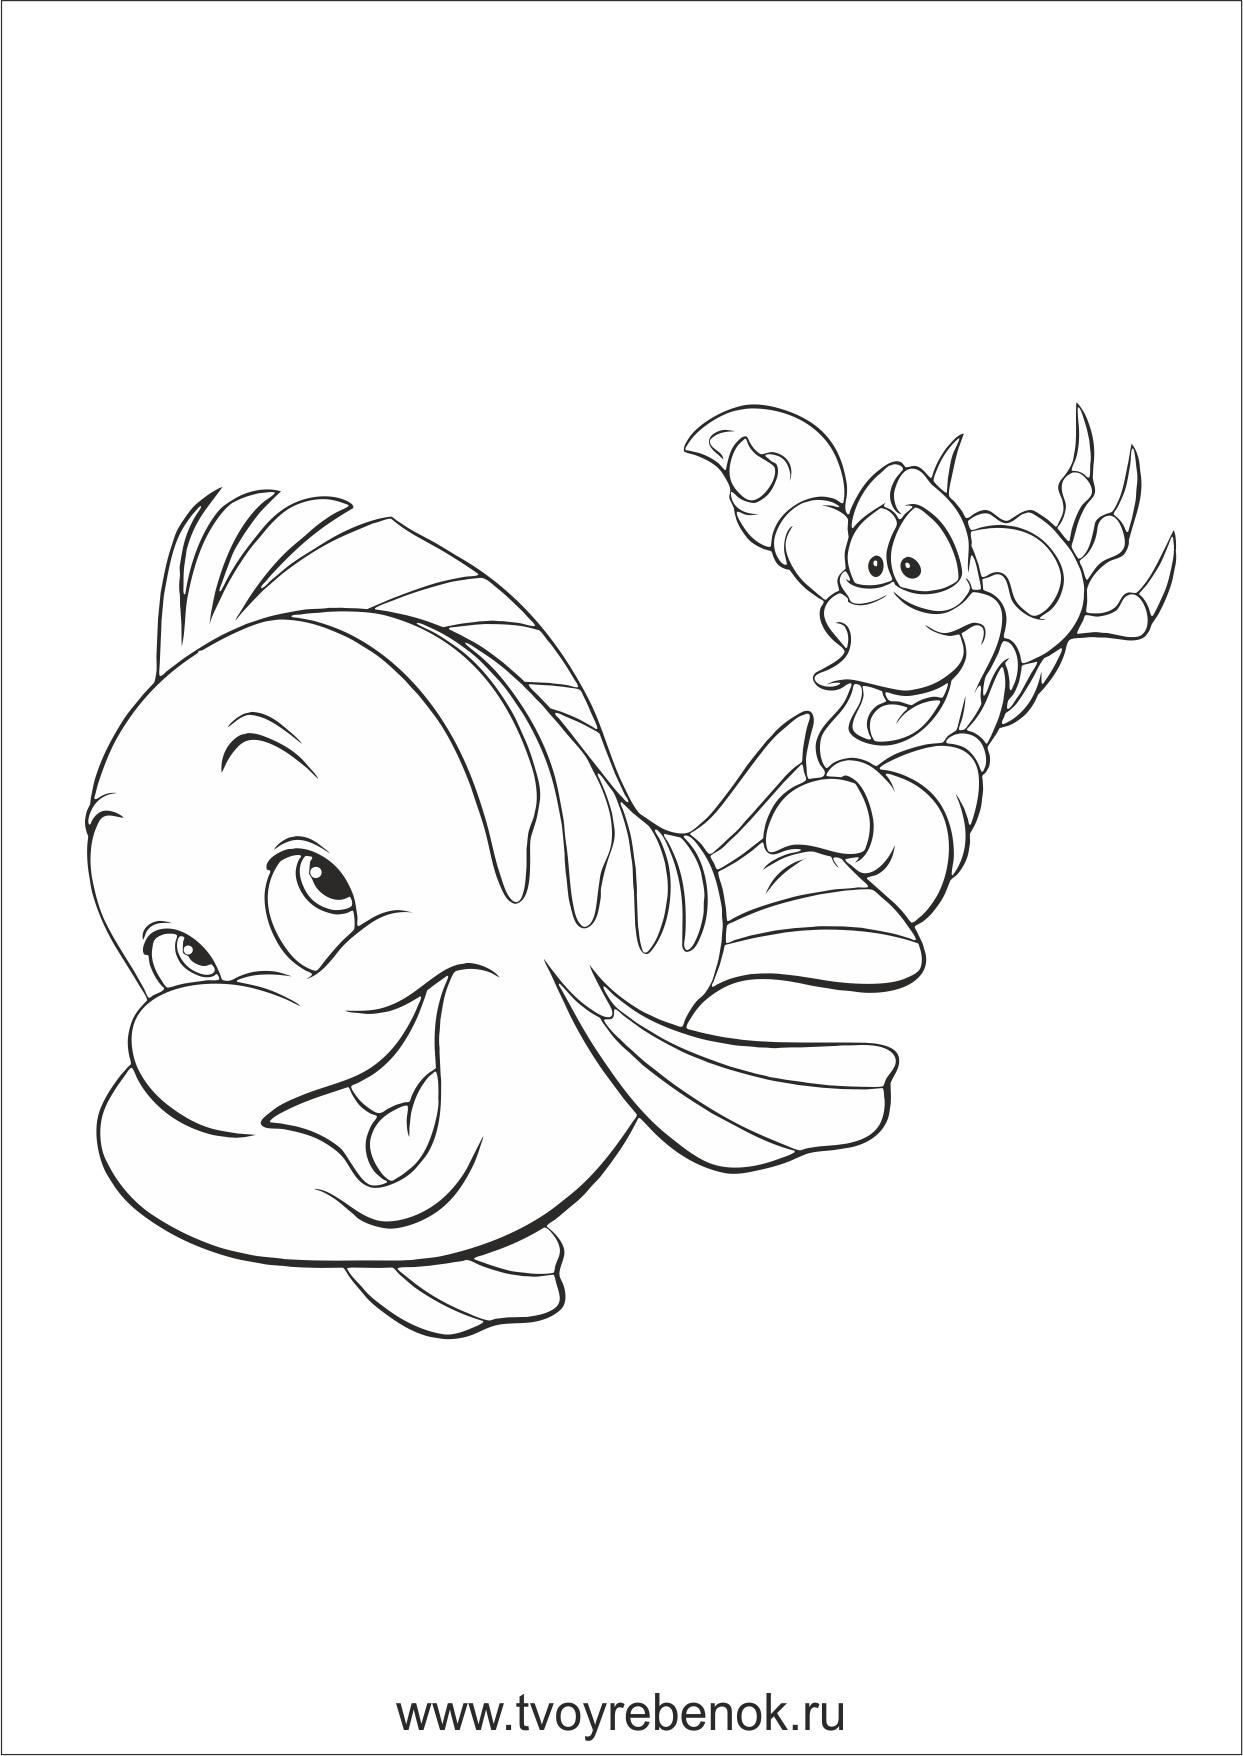 Черно-белая раскраска русалочка Ариэль | Скачать бесплатно